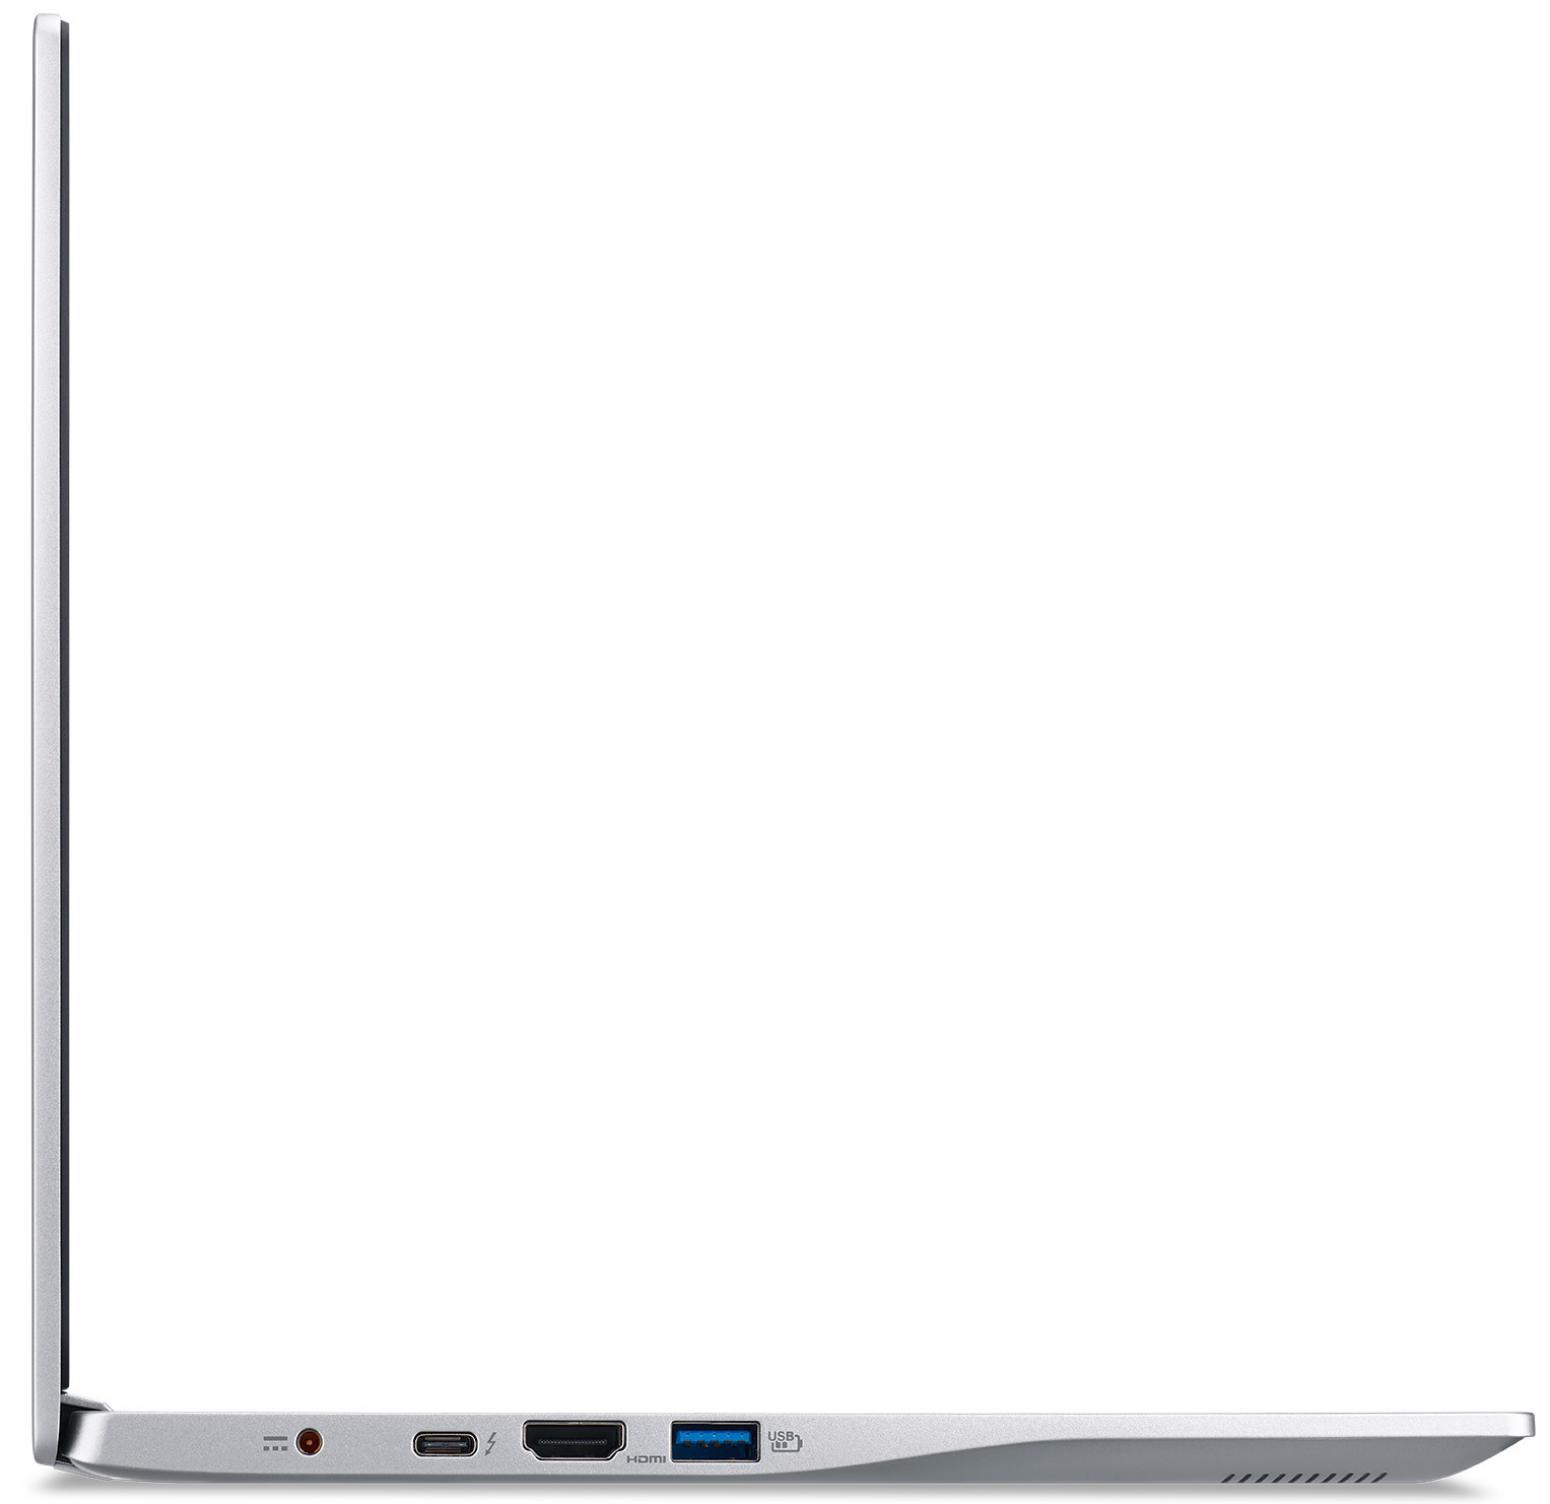 Ordinateur portable Acer Swift 3 SF314-59-56W5 Argent - photo 7